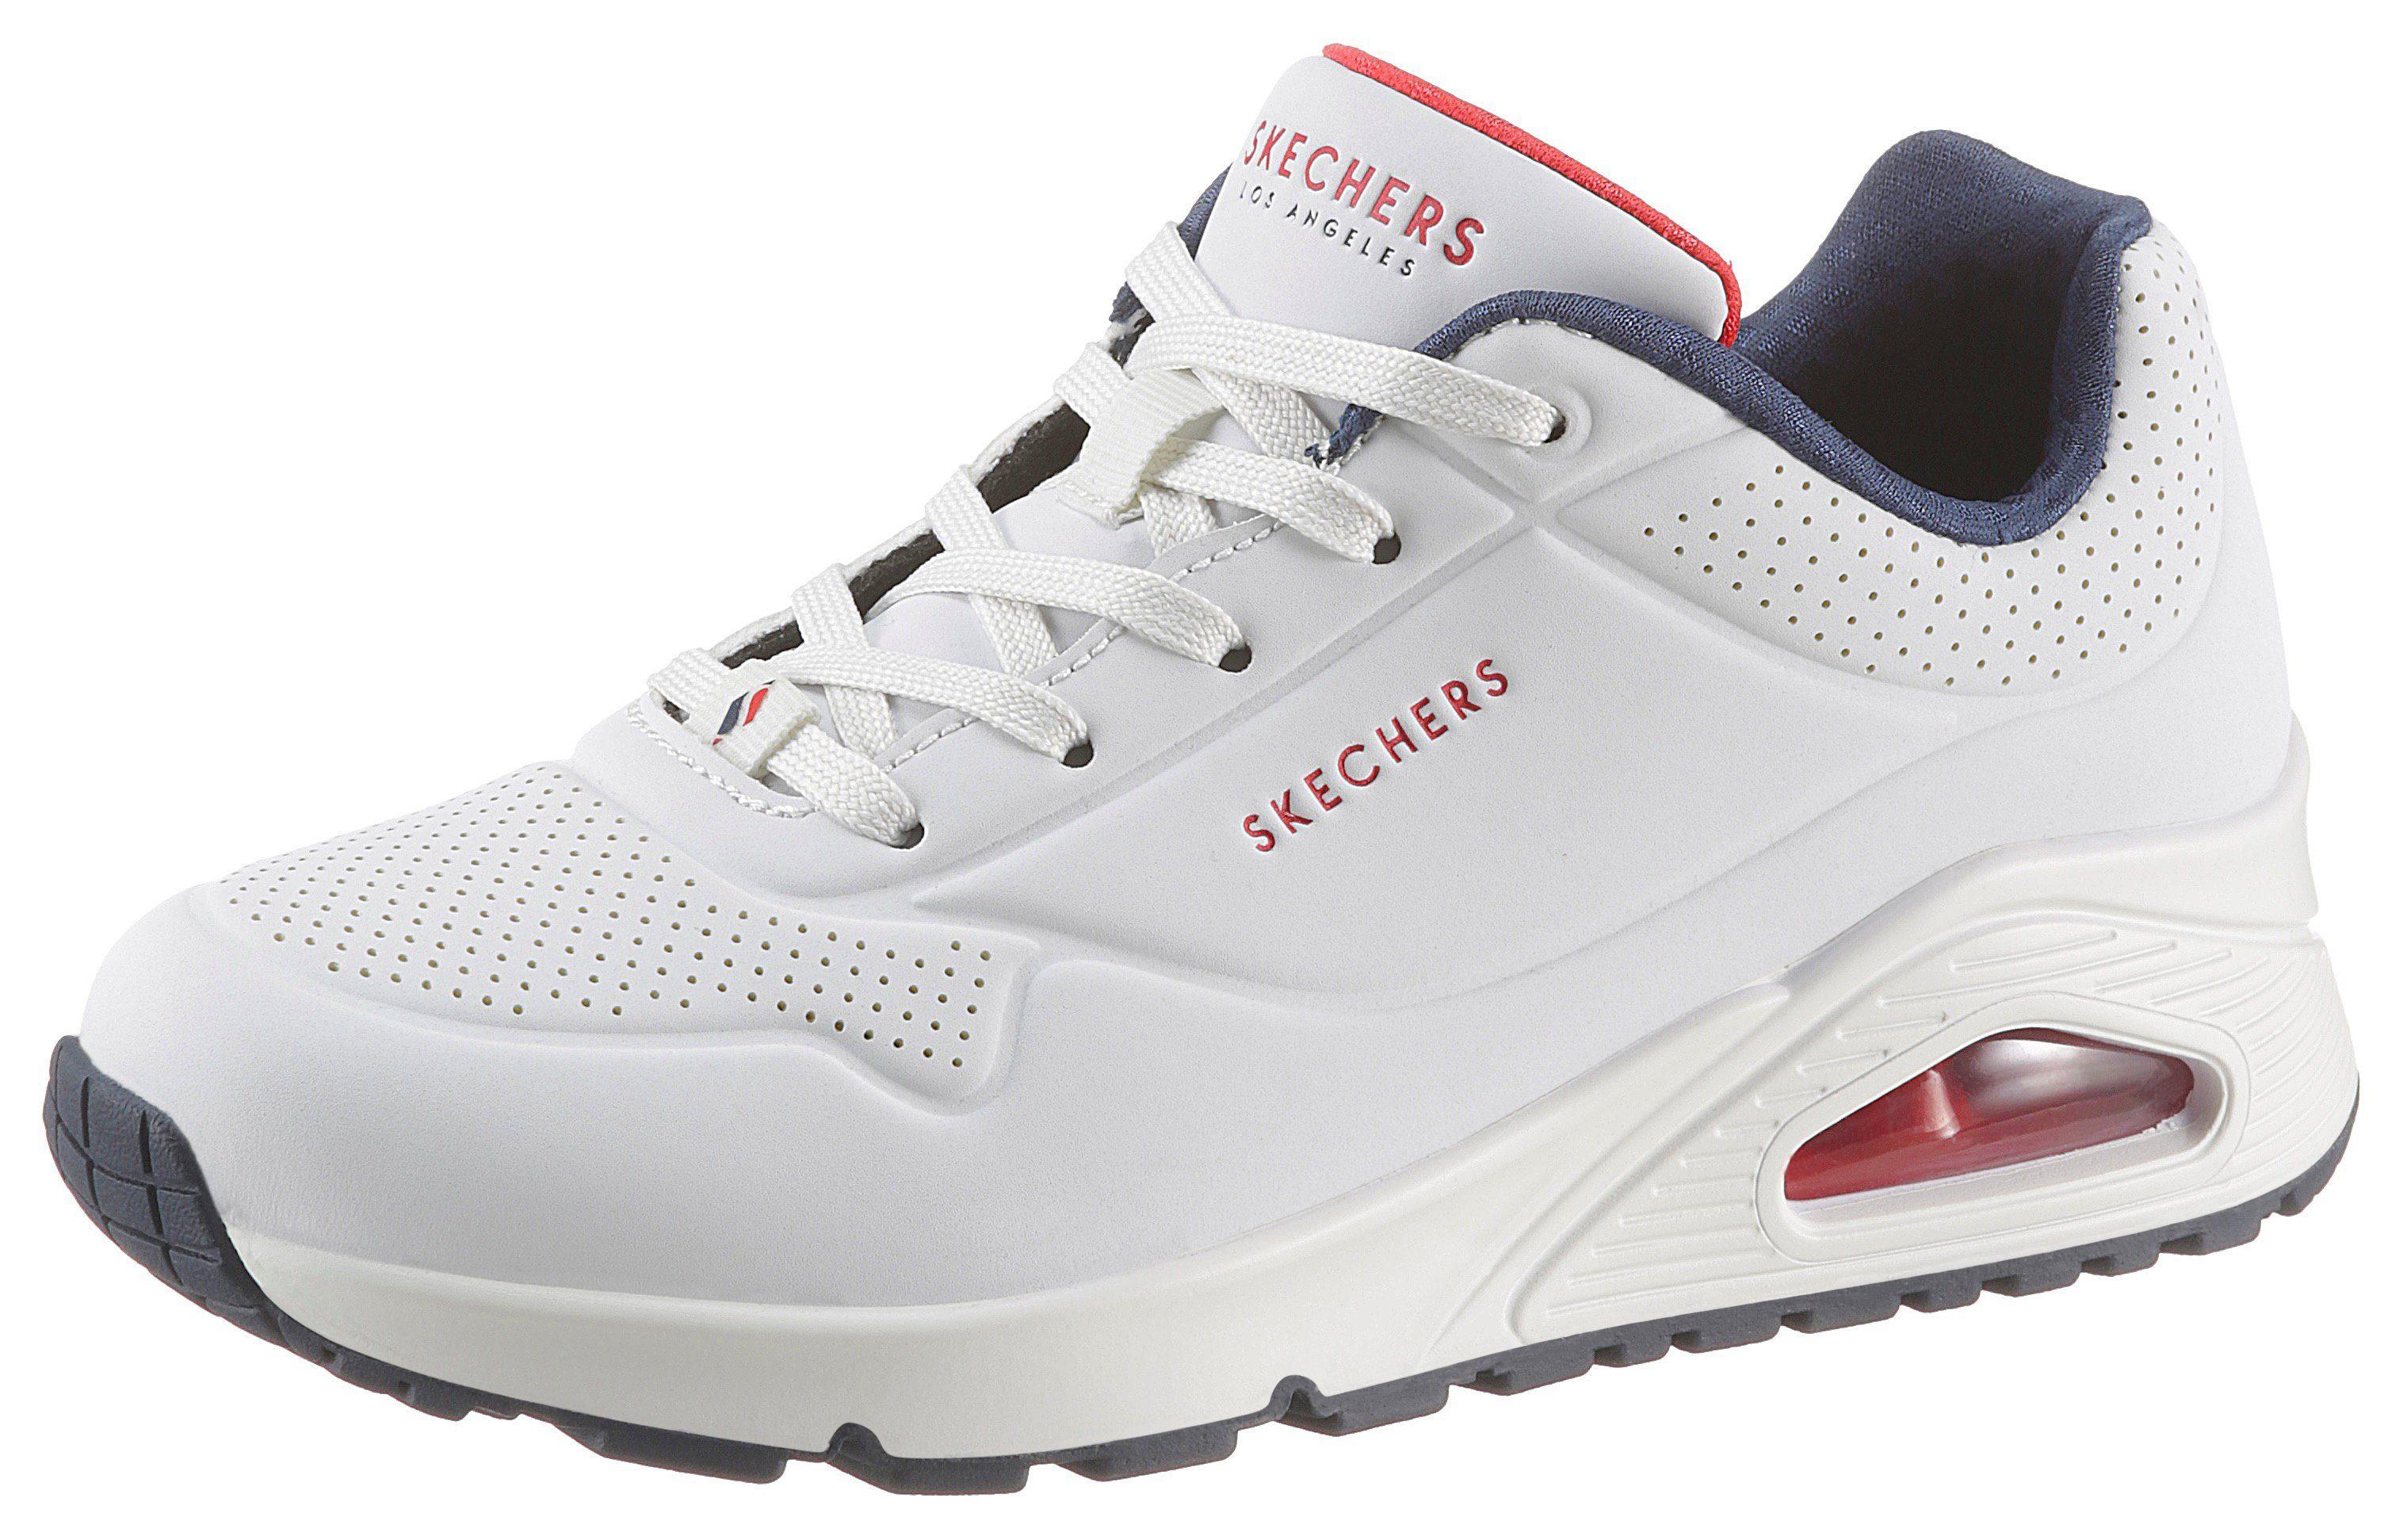 Skechers »Uno Stand on Air« Wedgesneaker mit feiner Perforation online kaufen   OTTO